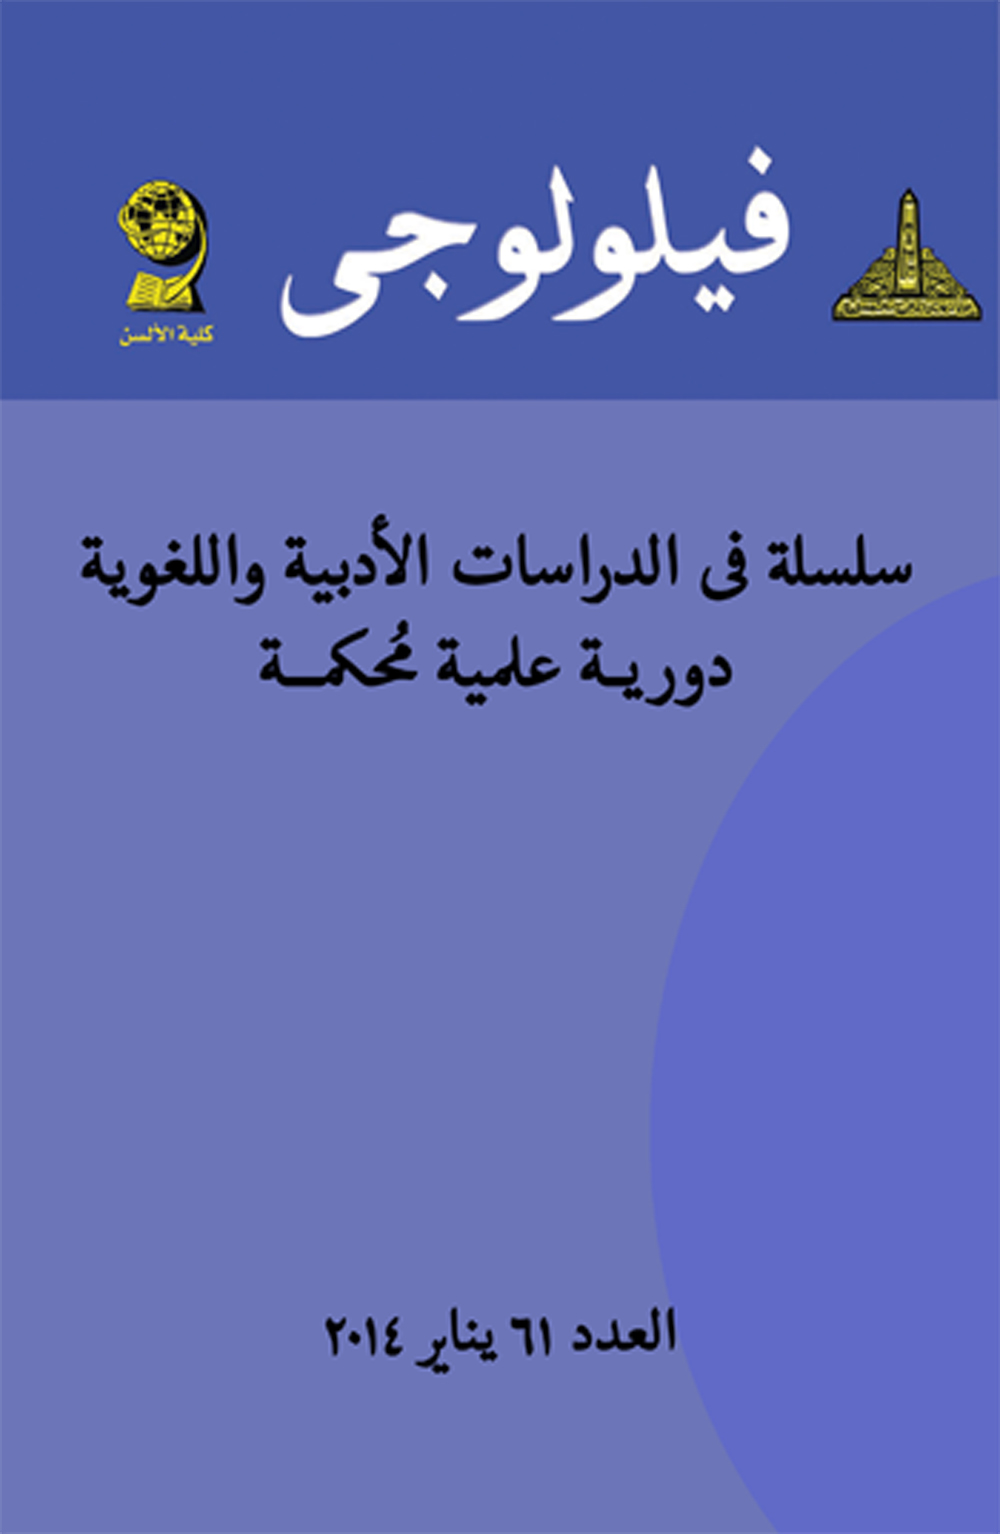 فیلولوجى: سلسلة الدراسات الأدبیة واللغویة